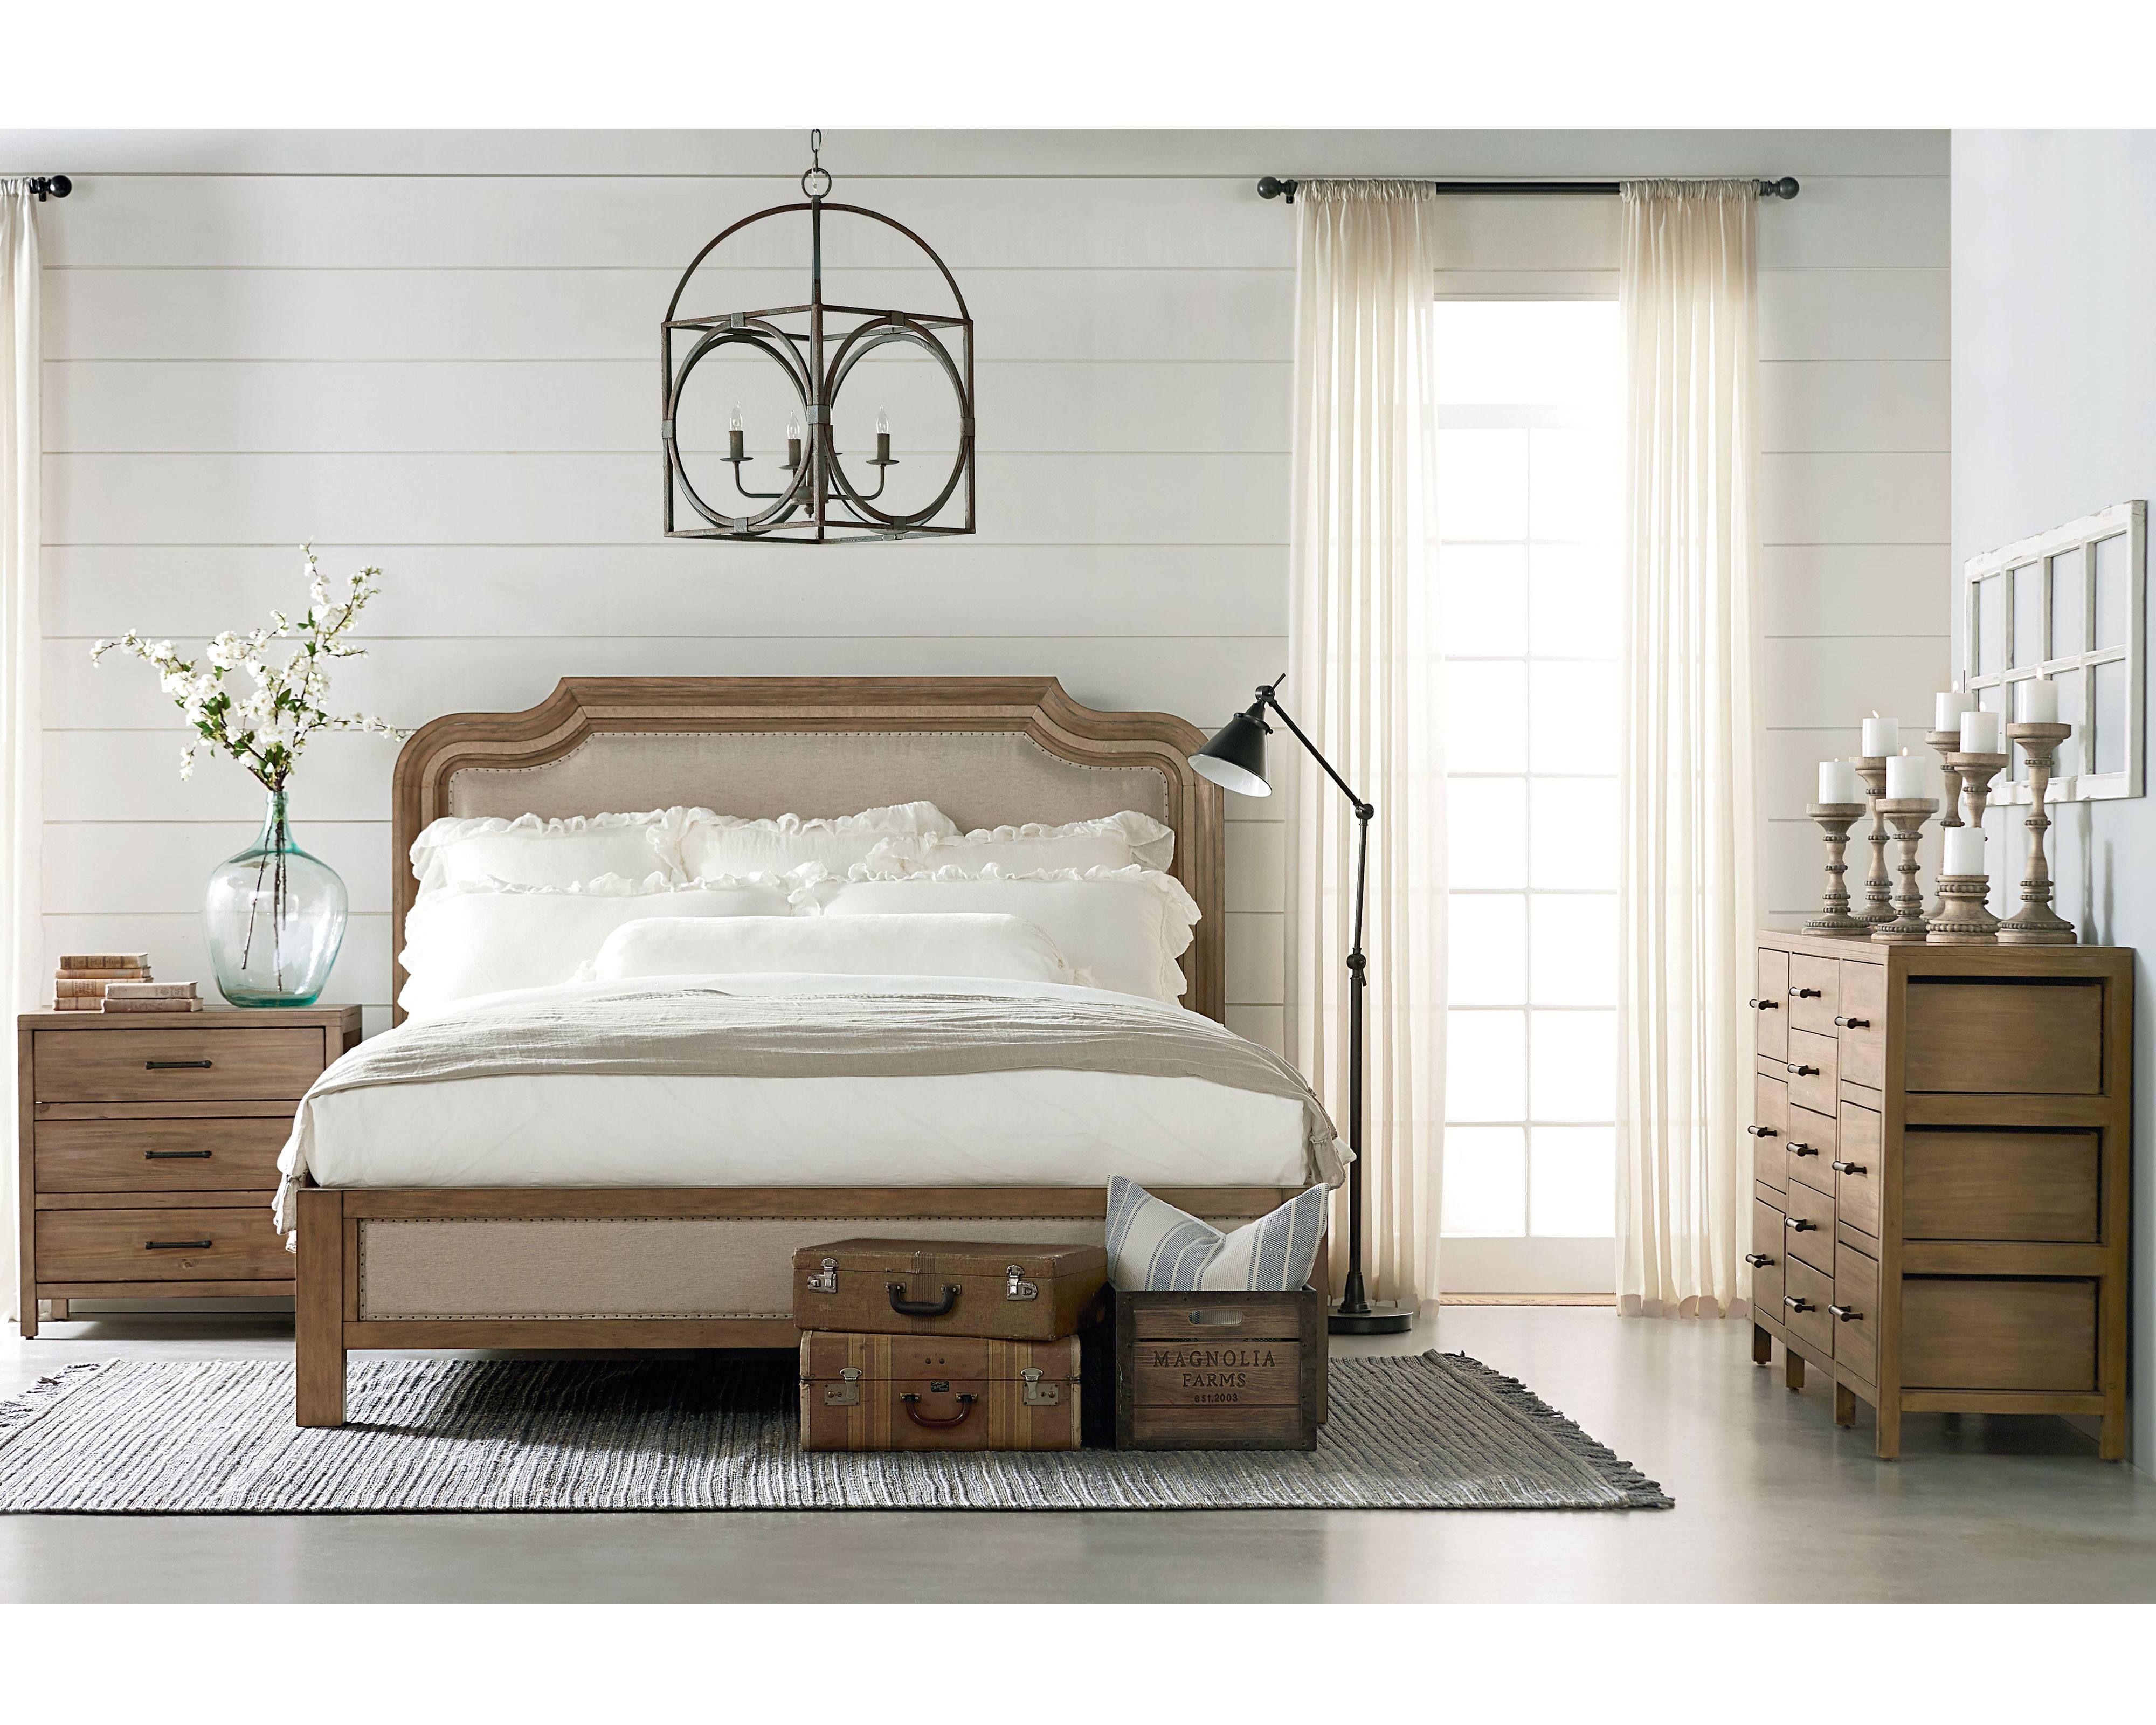 Budget Bedroom Redesigns  June, 2018